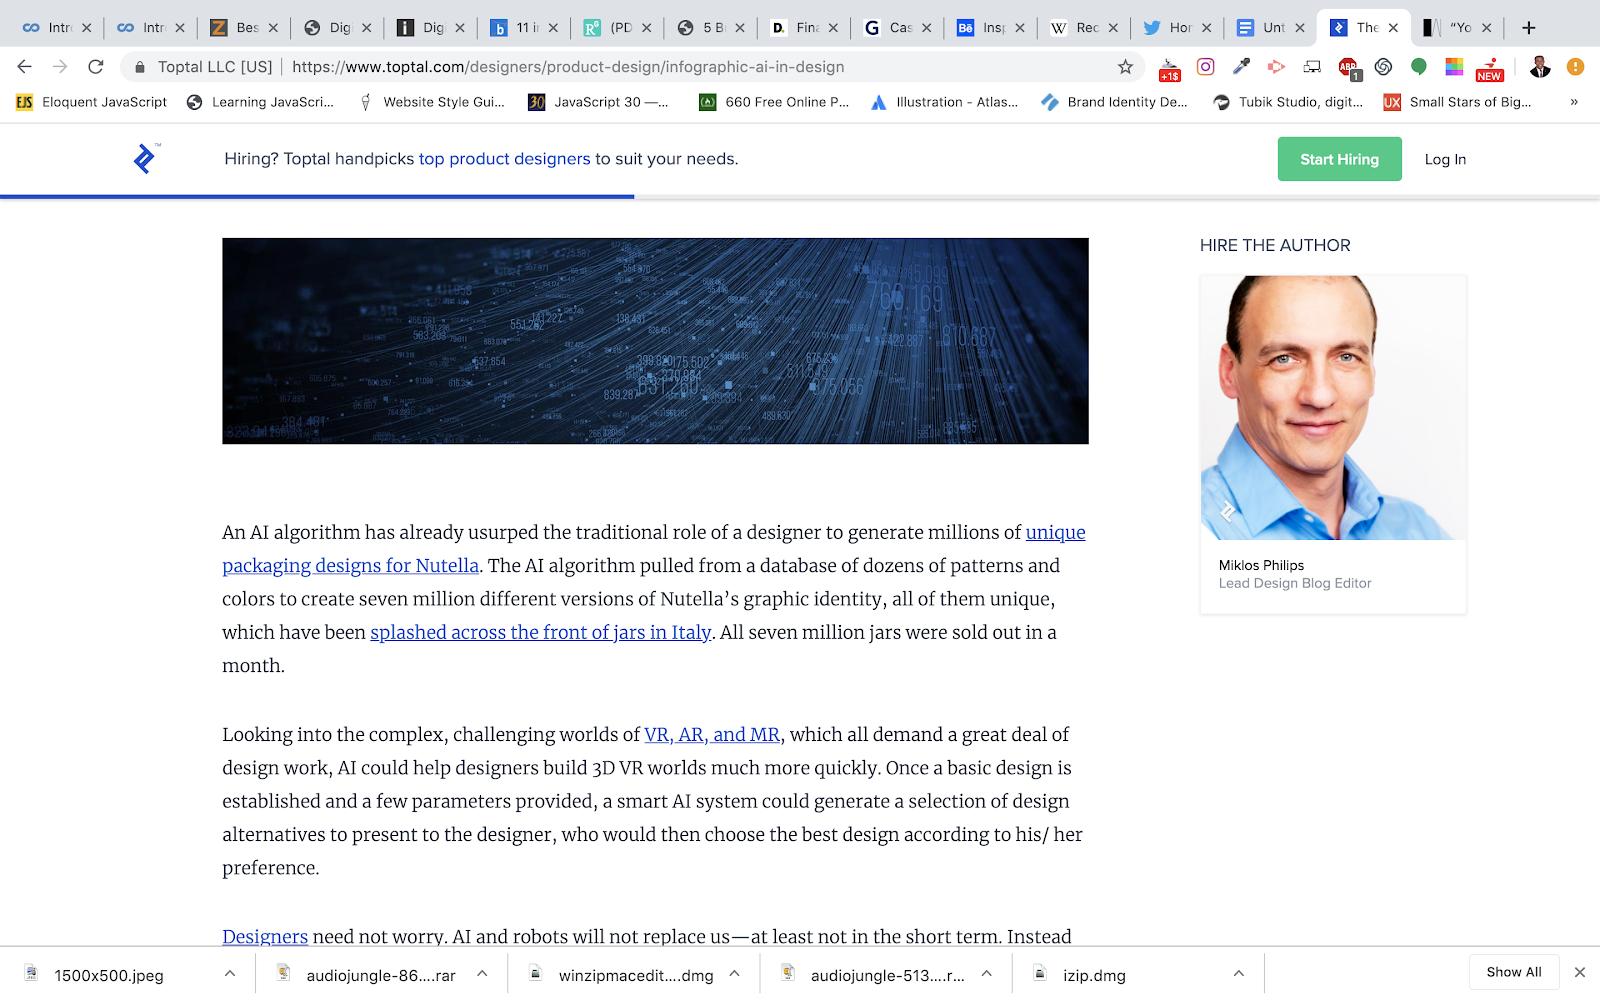 Miklos Philip's Toptal AI Design Article:  'The Present and Future of AI in Design' - 2018